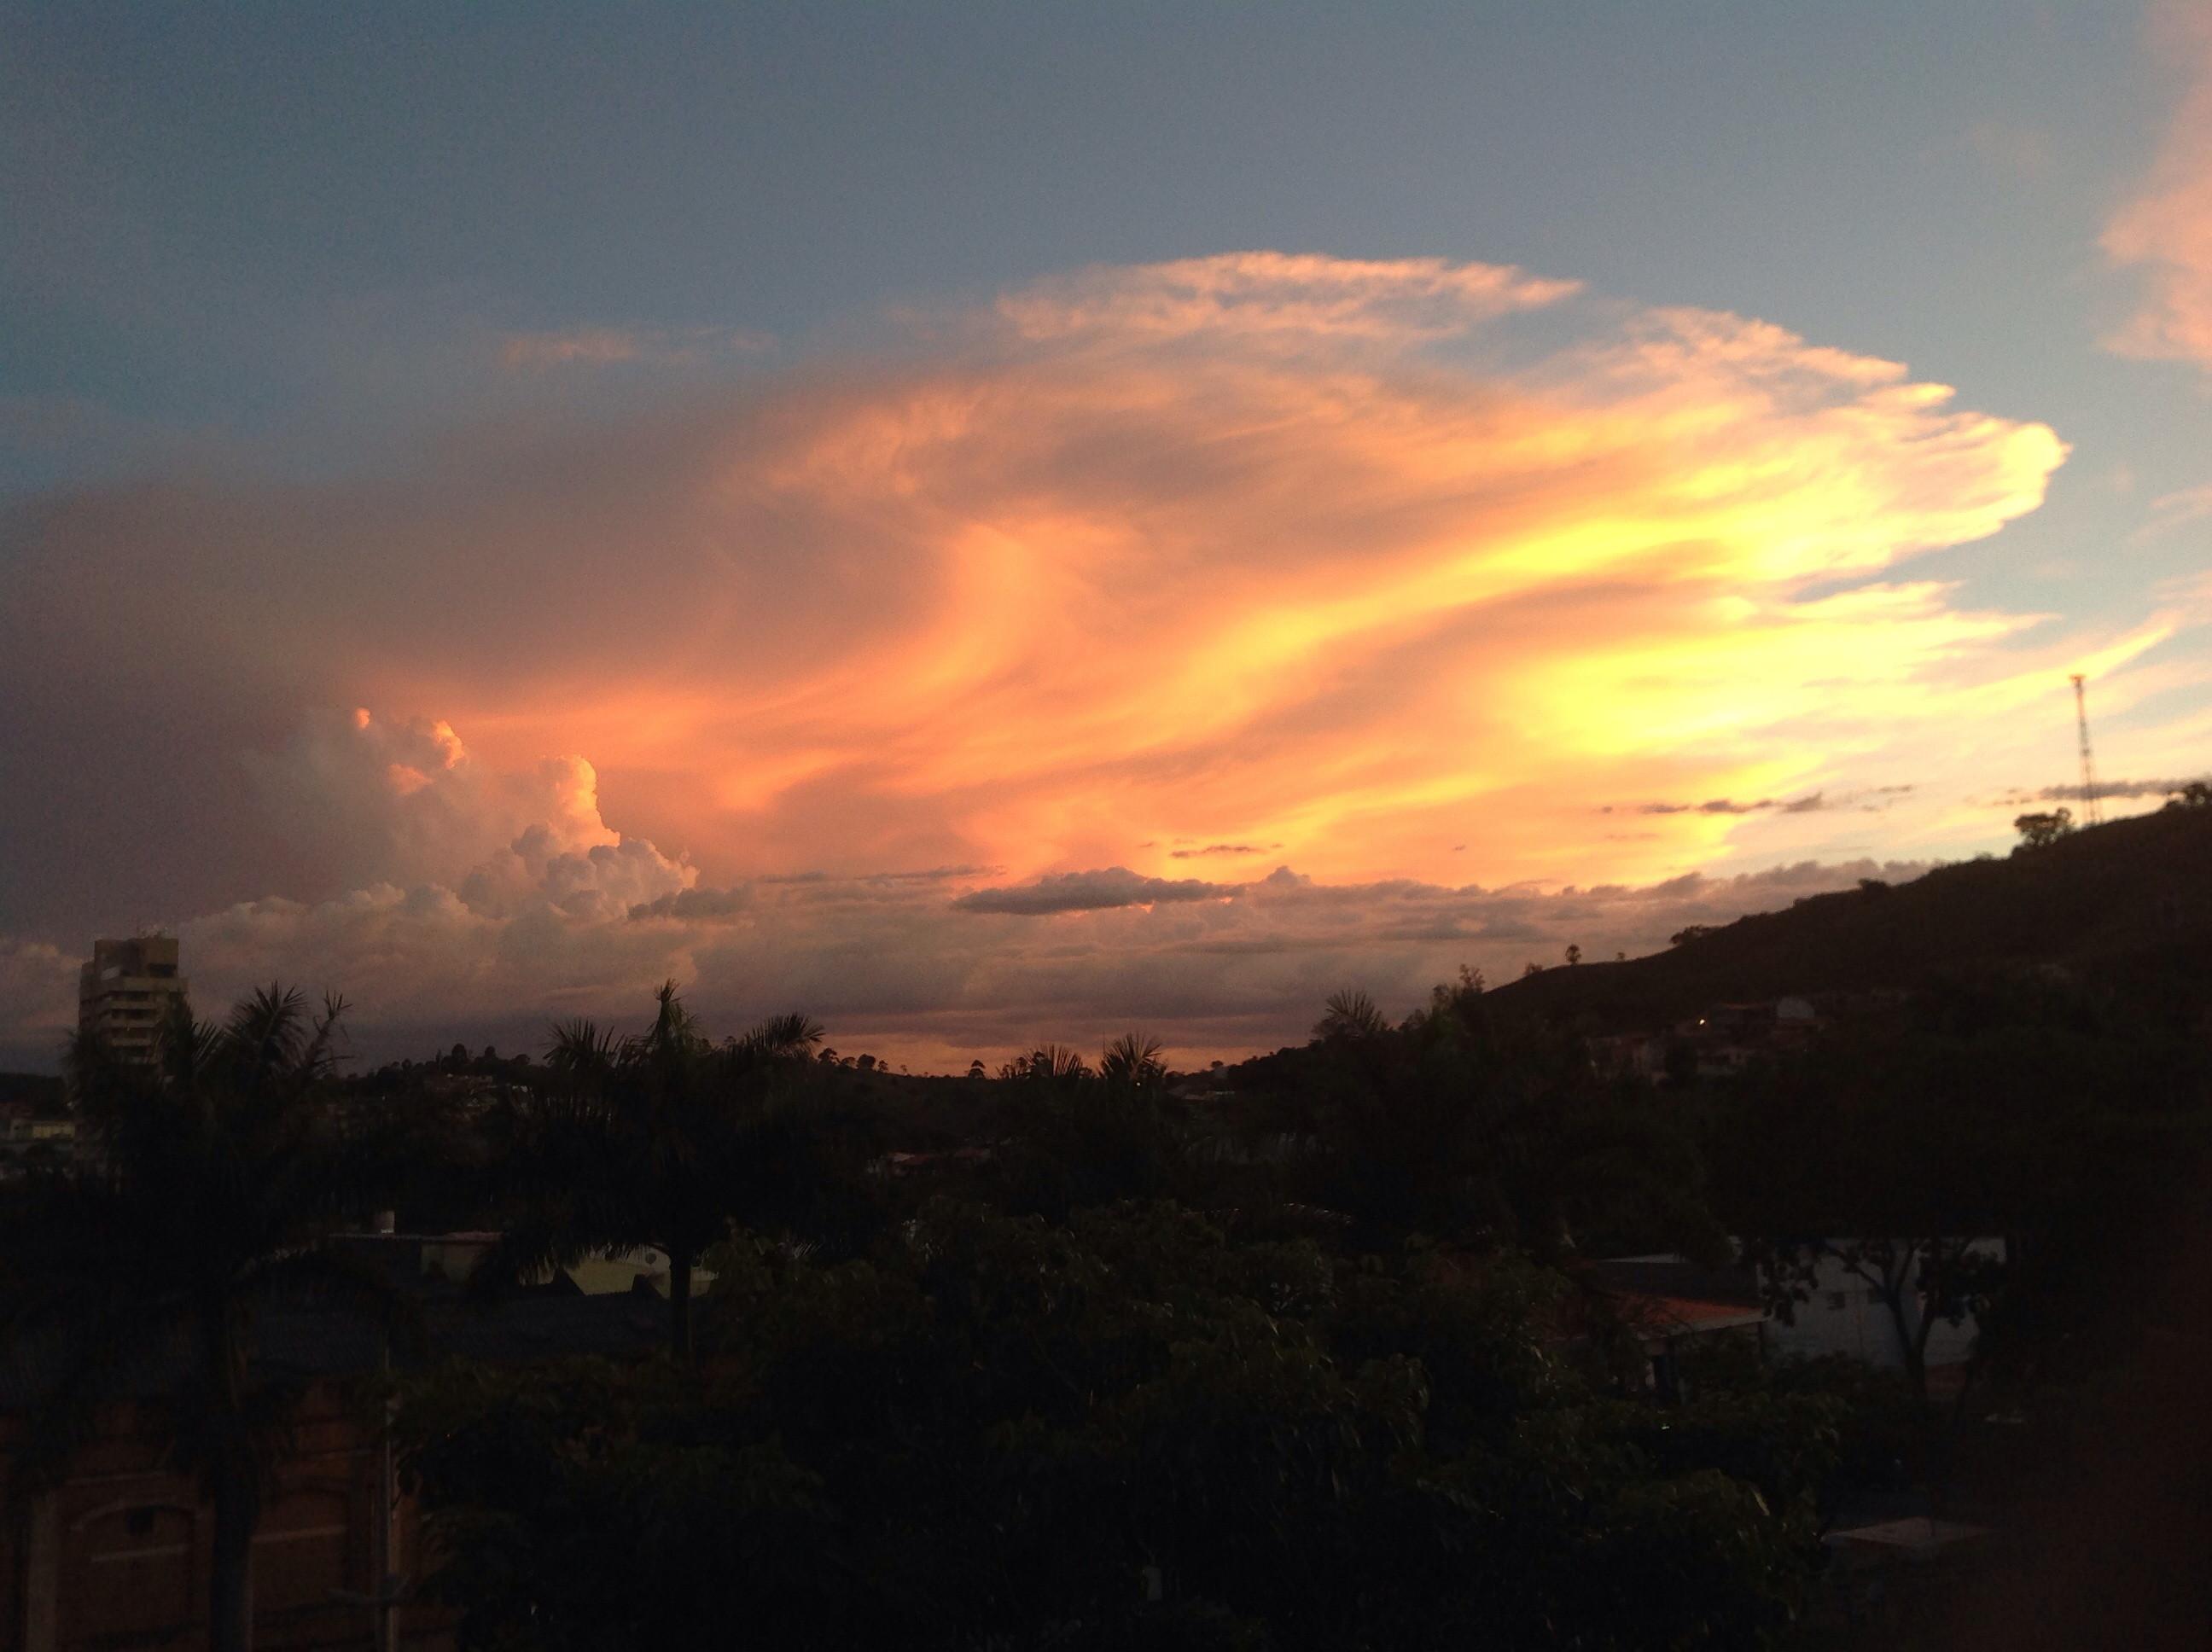 Beautiful sunset inPedreira/ Brazil